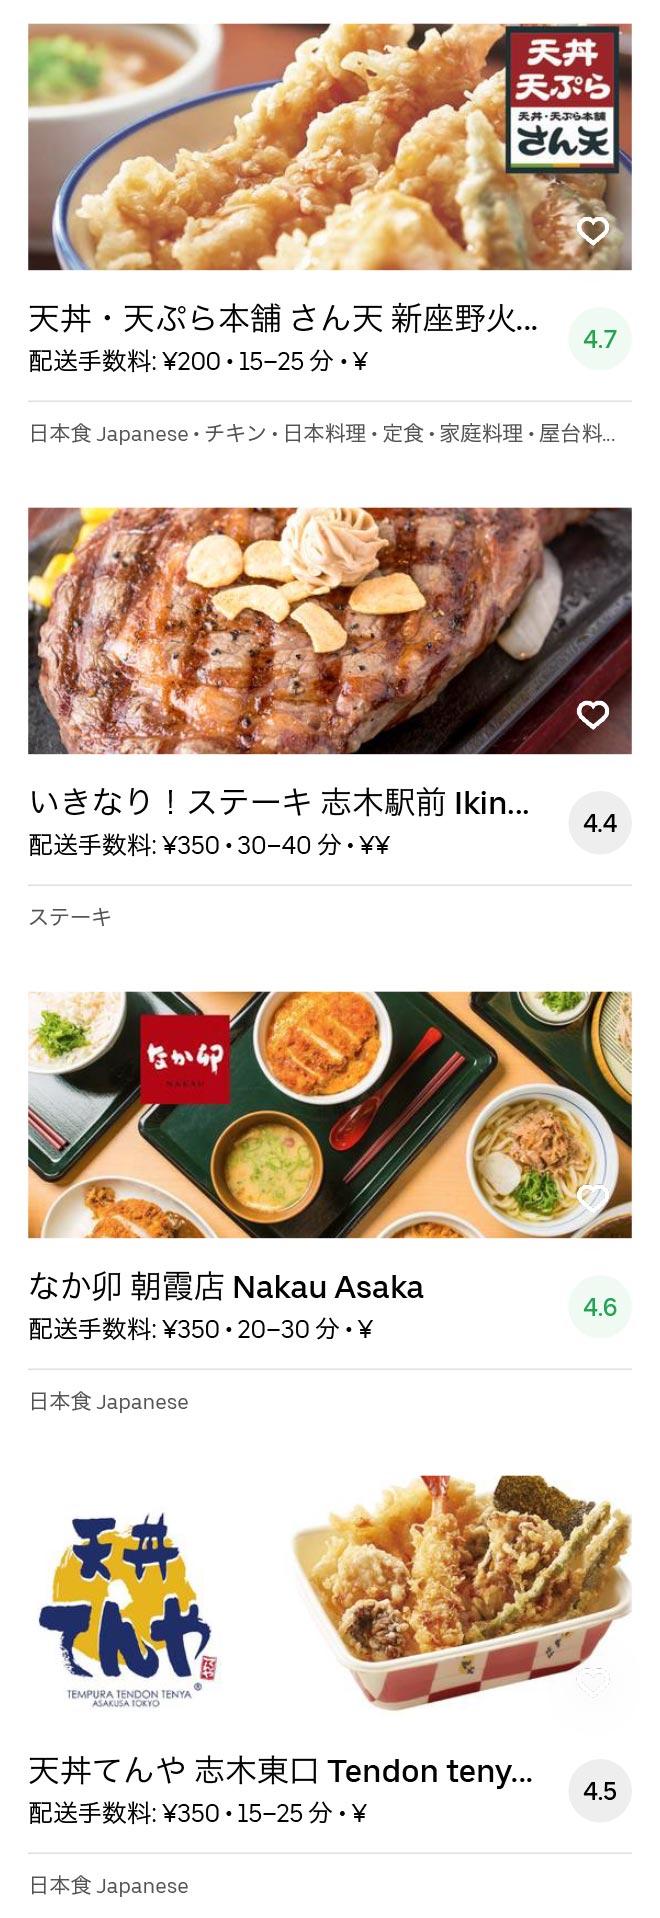 Saitama niiza menu 2004 06